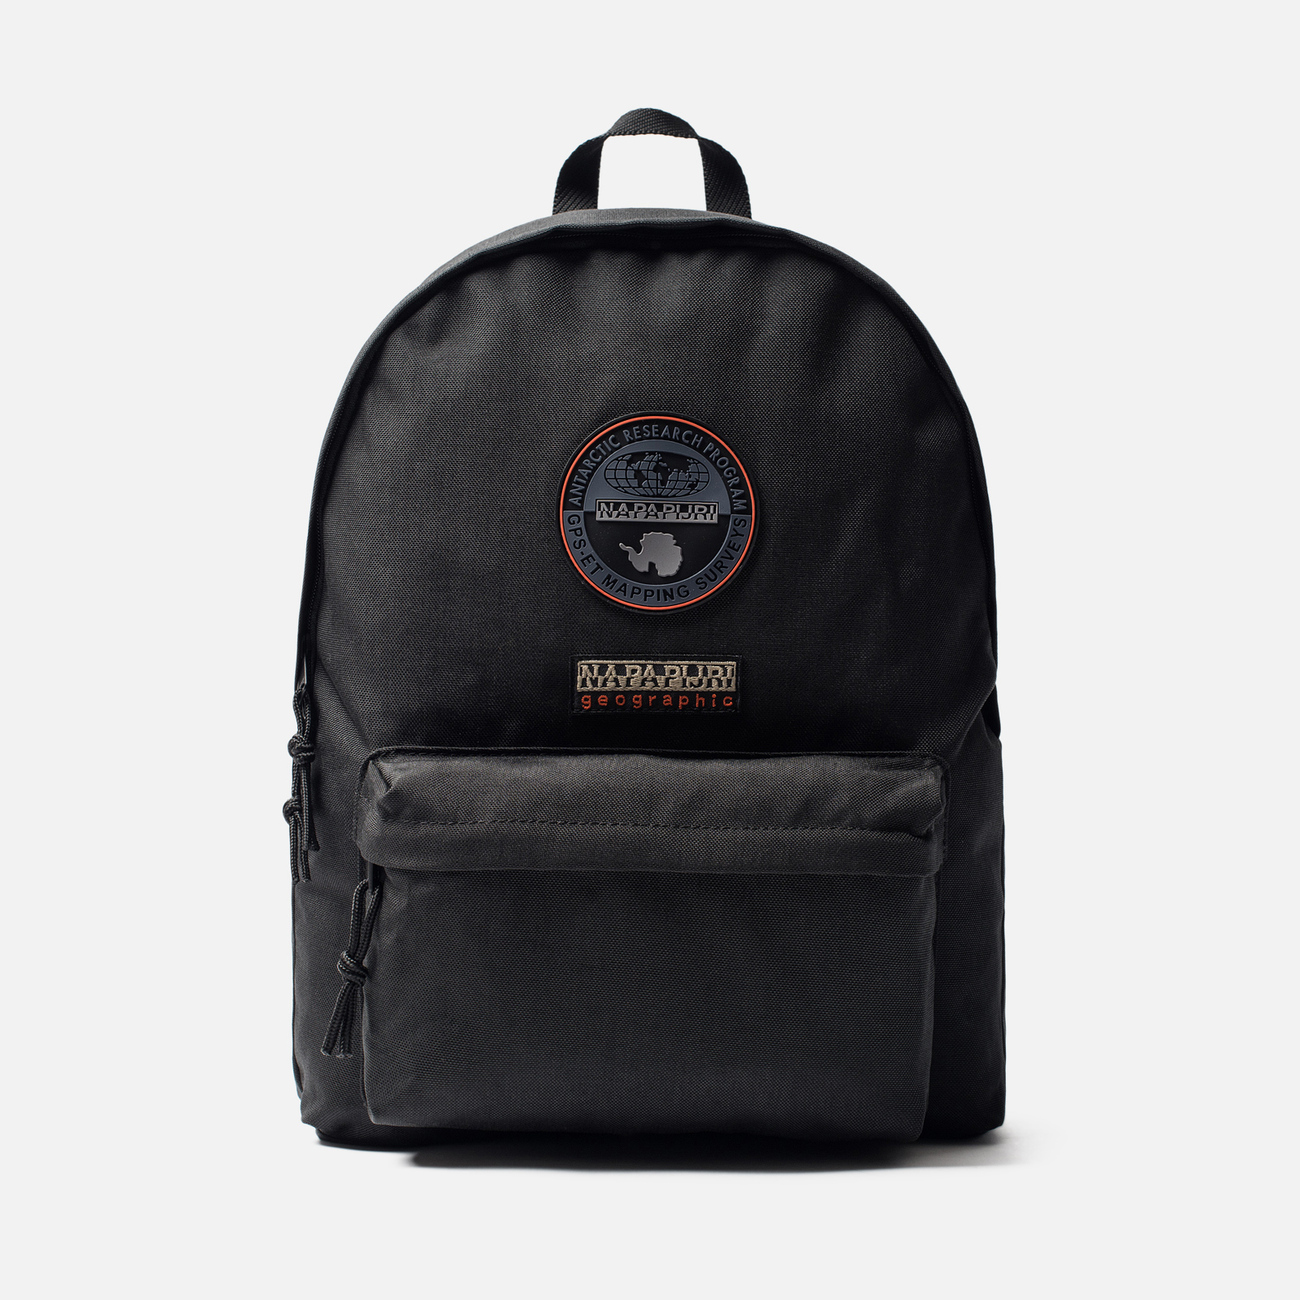 Рюкзак Napapijri Voyage 18L Black